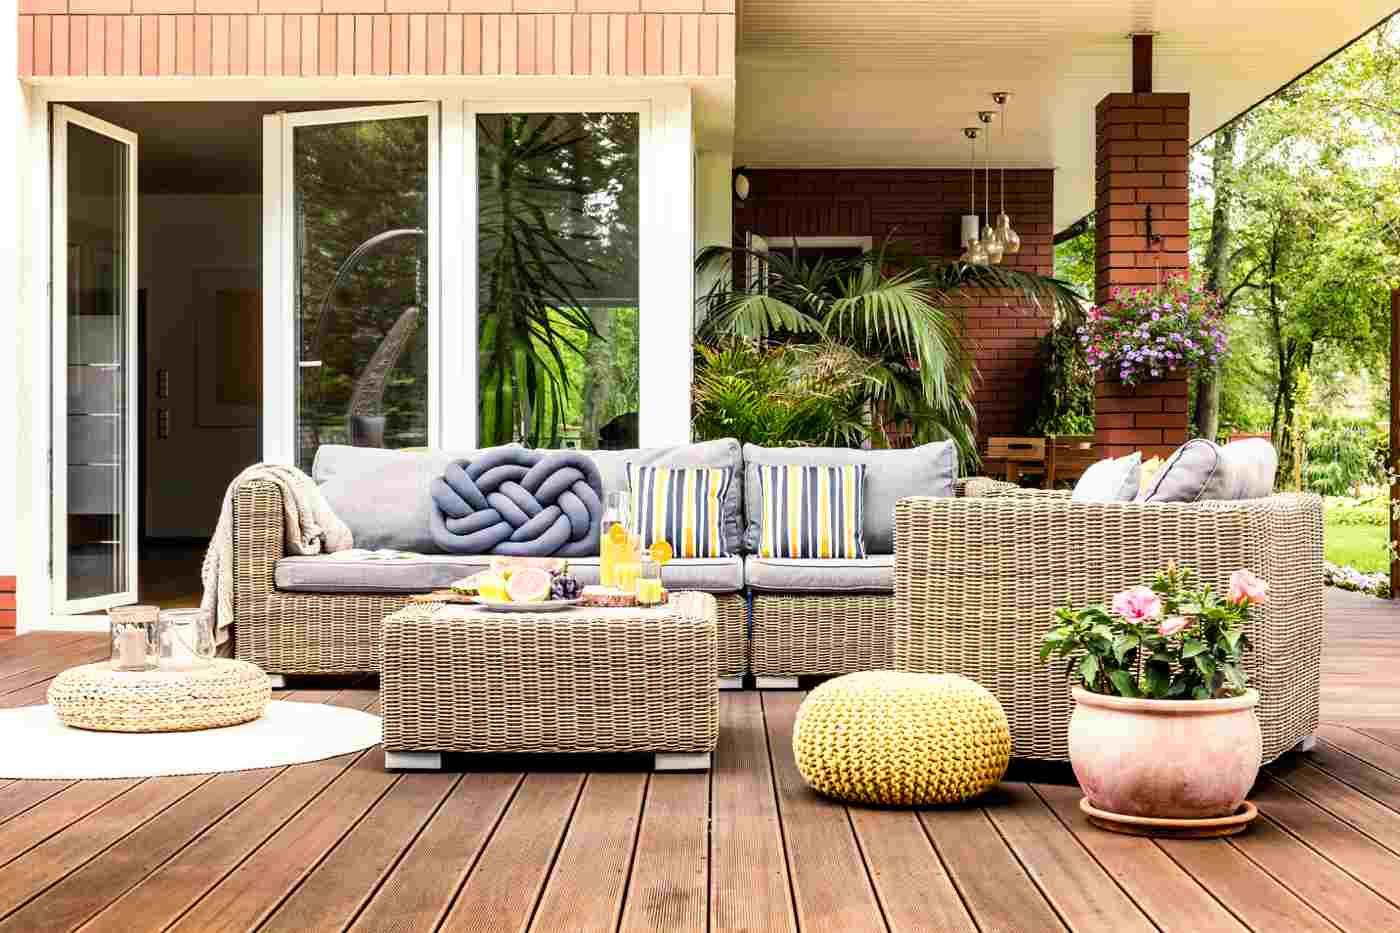 Full Size of Gartenmbel Trends Das Sind Tendenzen Fr 2020 Loungemöbel Garten Holz Günstig Wohnzimmer Loungemöbel Balkon